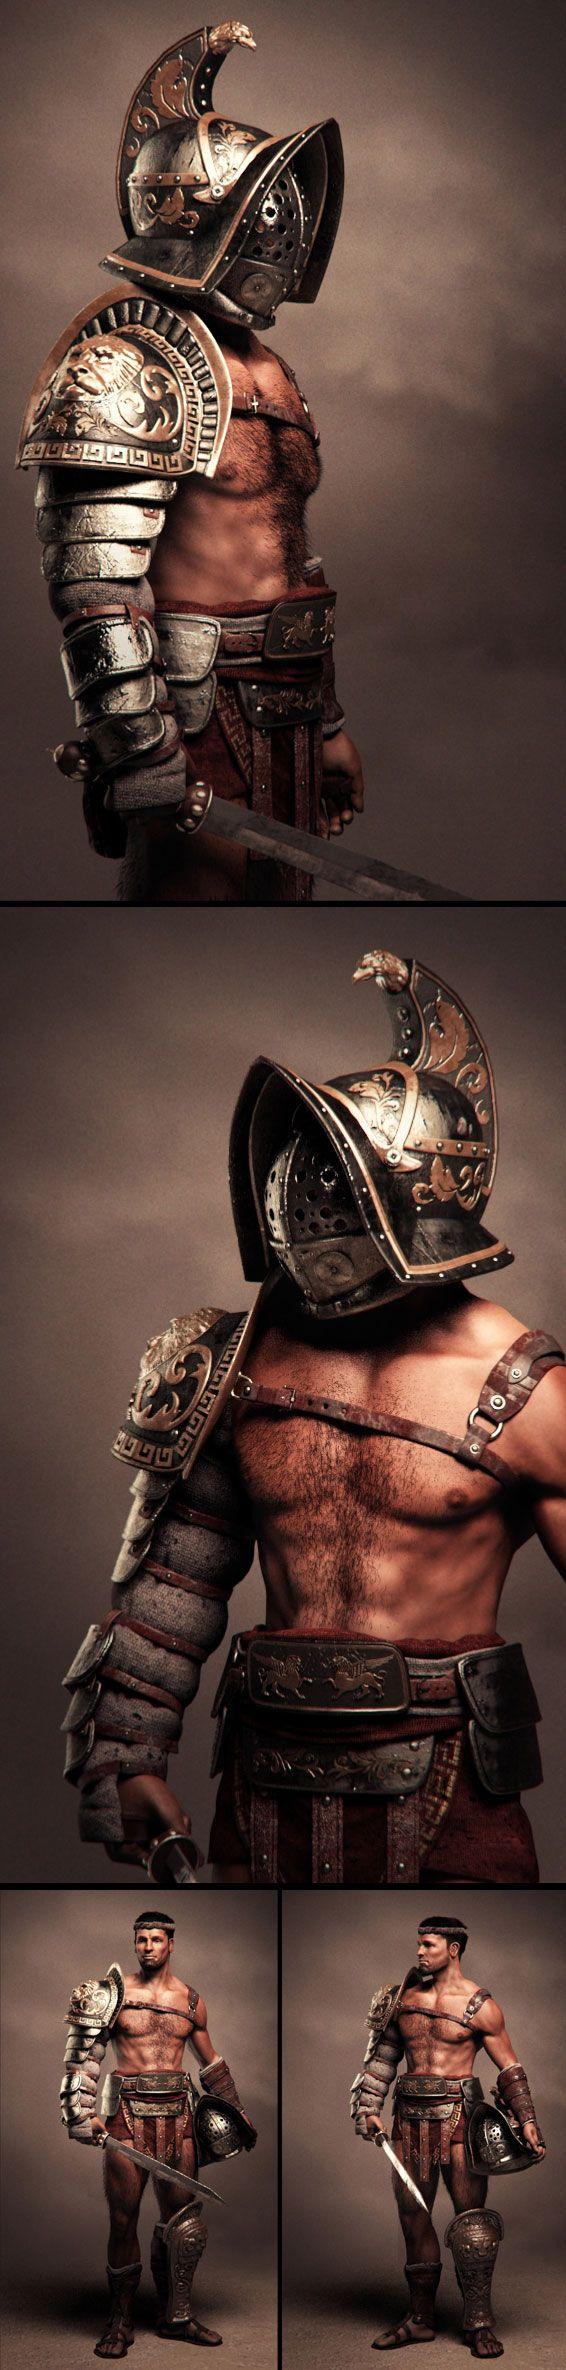 Dit is het typische beeld van een gladiator hoe ze meestal in films voorgesteld worden. Marcus was niet zo. Hij was dan wel gladiator geweest en was nu vrijgekocht maar hij heeft er nooit zo uitgezien. Marcus was minder gespierd en groot maar had supersnelle reflexen en kon snel bewegen. Dat laatste maakte hem zo een goede vechter in de arena. Hij had ook niet zo een stoere uitstraling maar eerder die van een lieve jongen. Zo wordt hij althans beschreven in mijn boek.